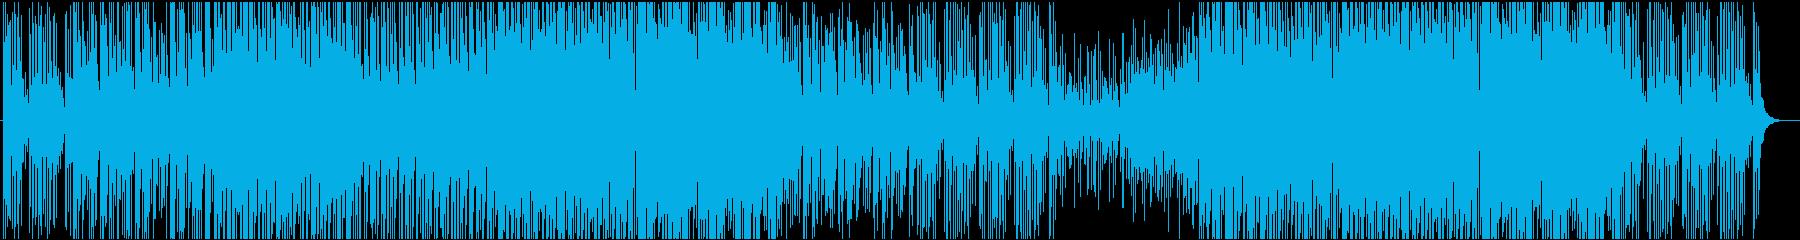 気分転換でリフレッシュできる爽やかな楽曲の再生済みの波形